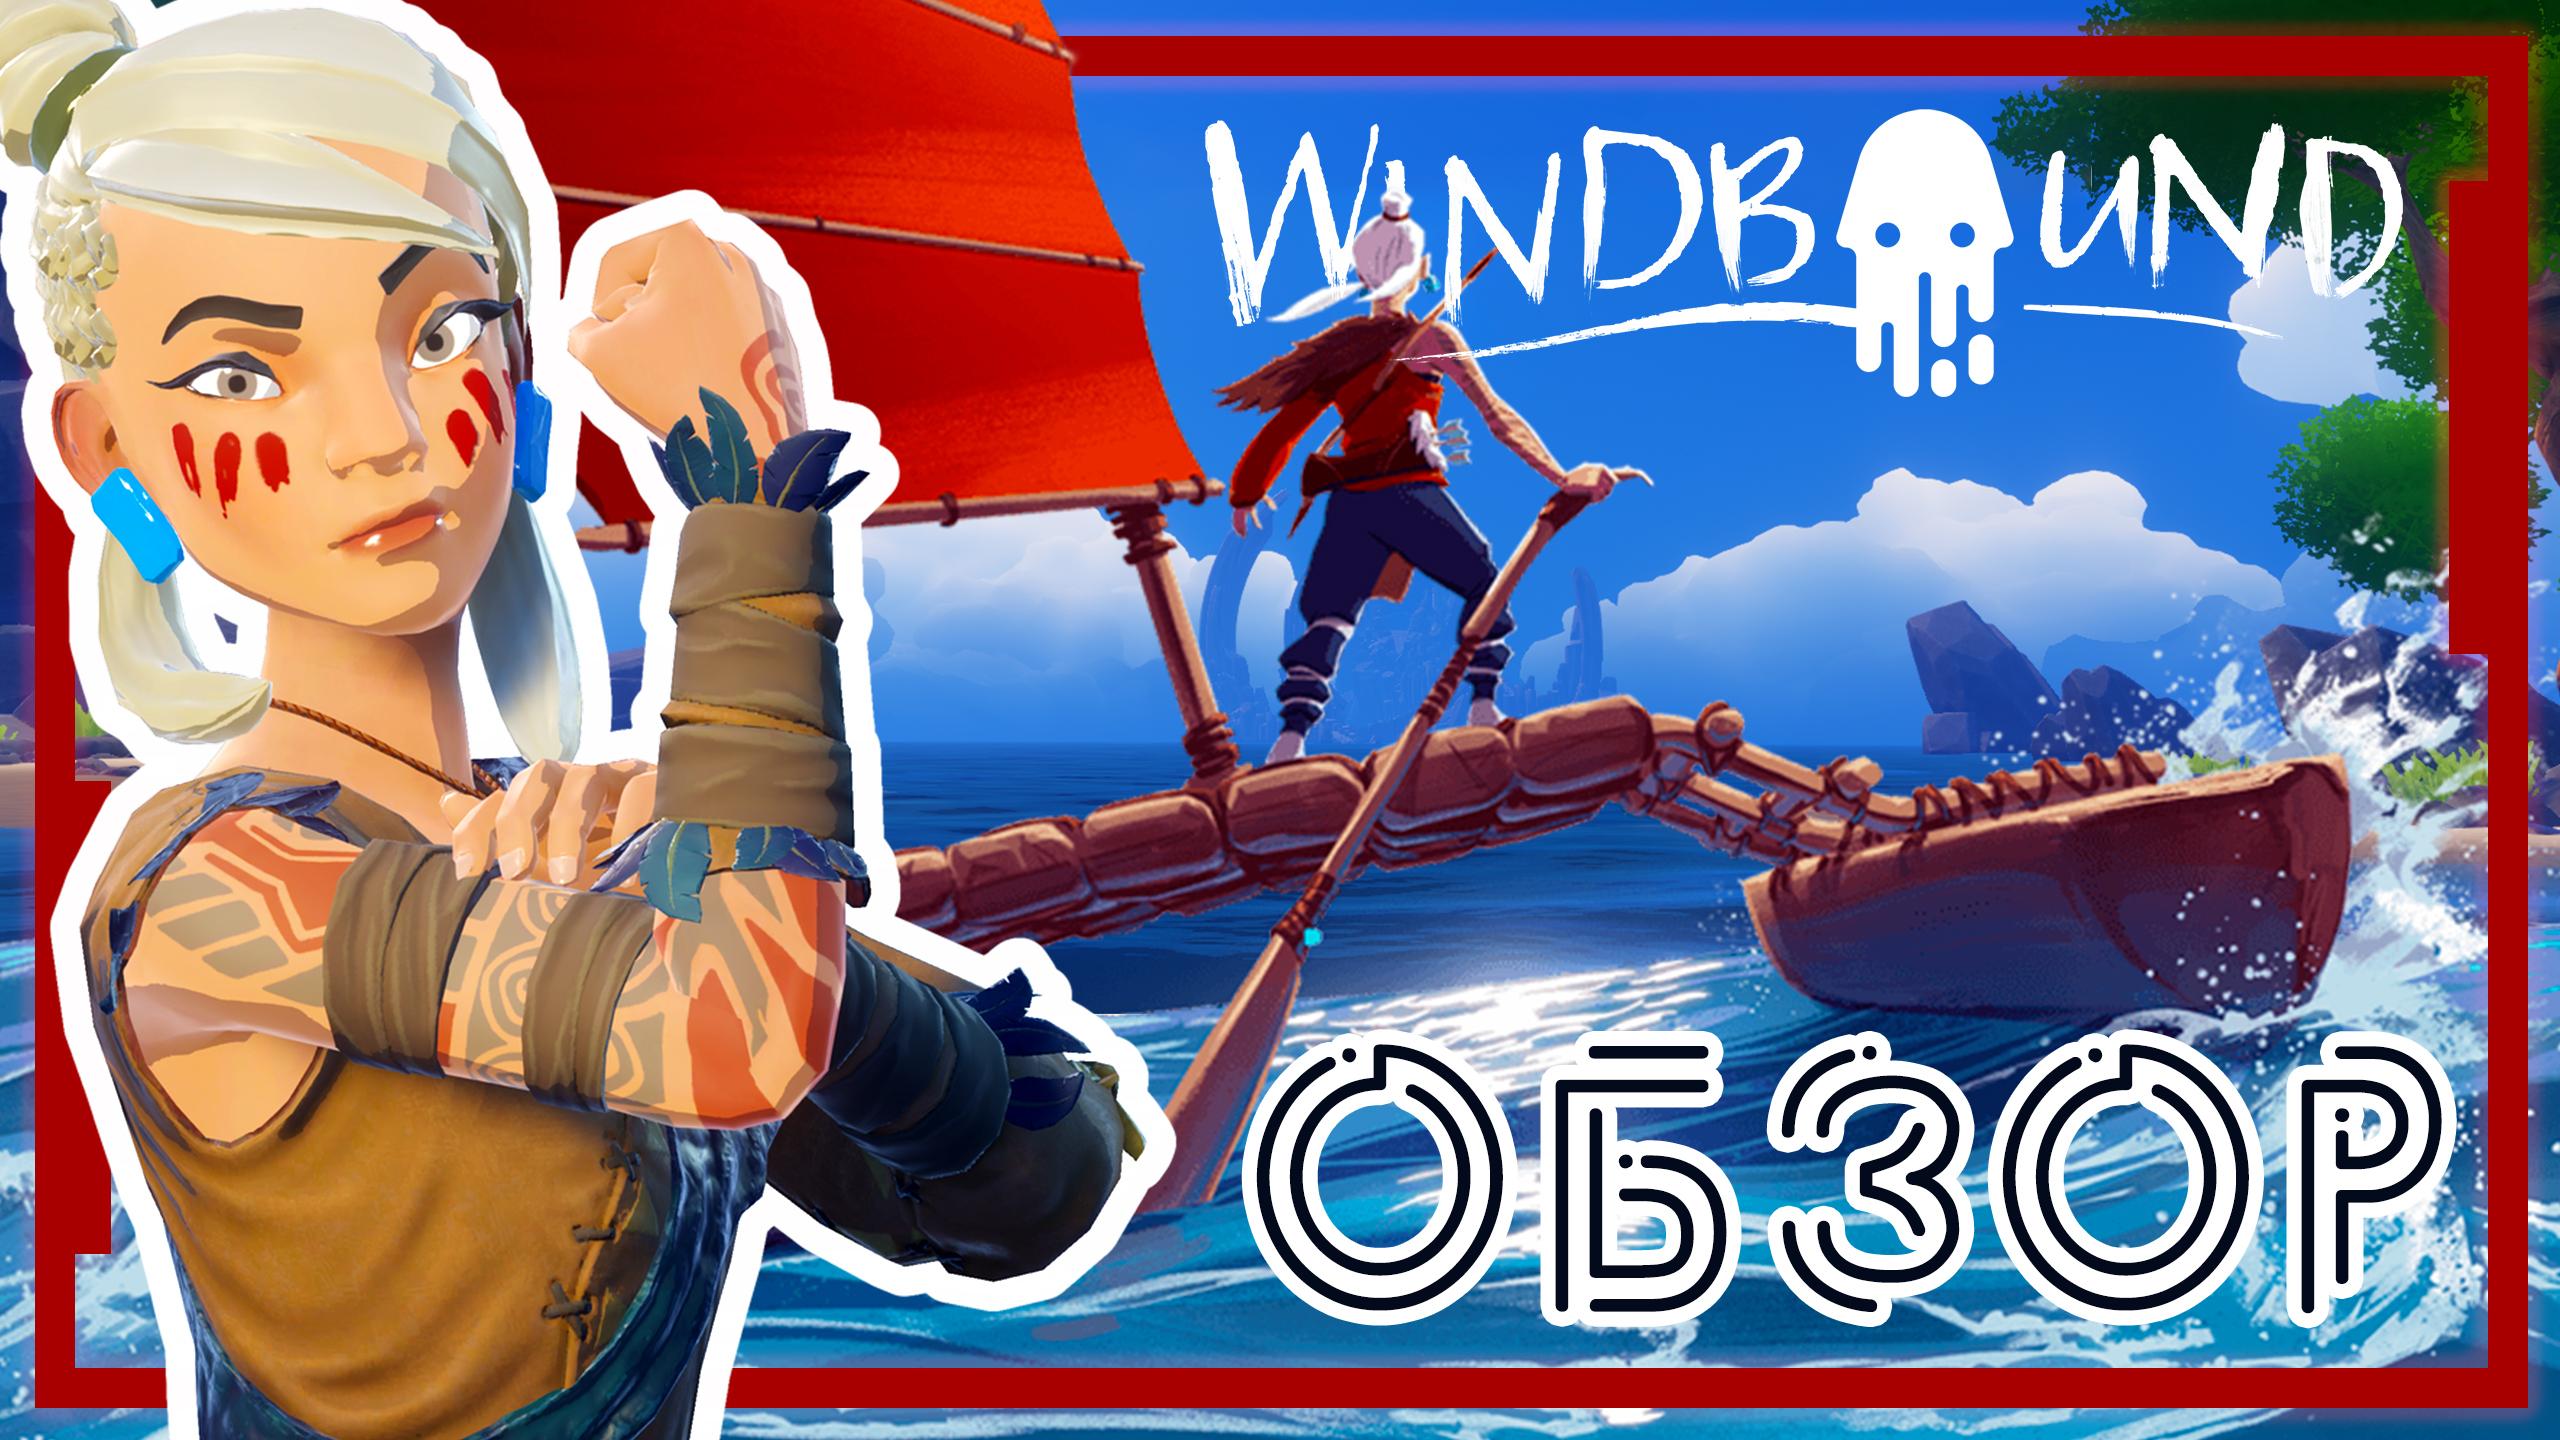 Обзор windbound - герой игры, плюсы и минусы, сюжет